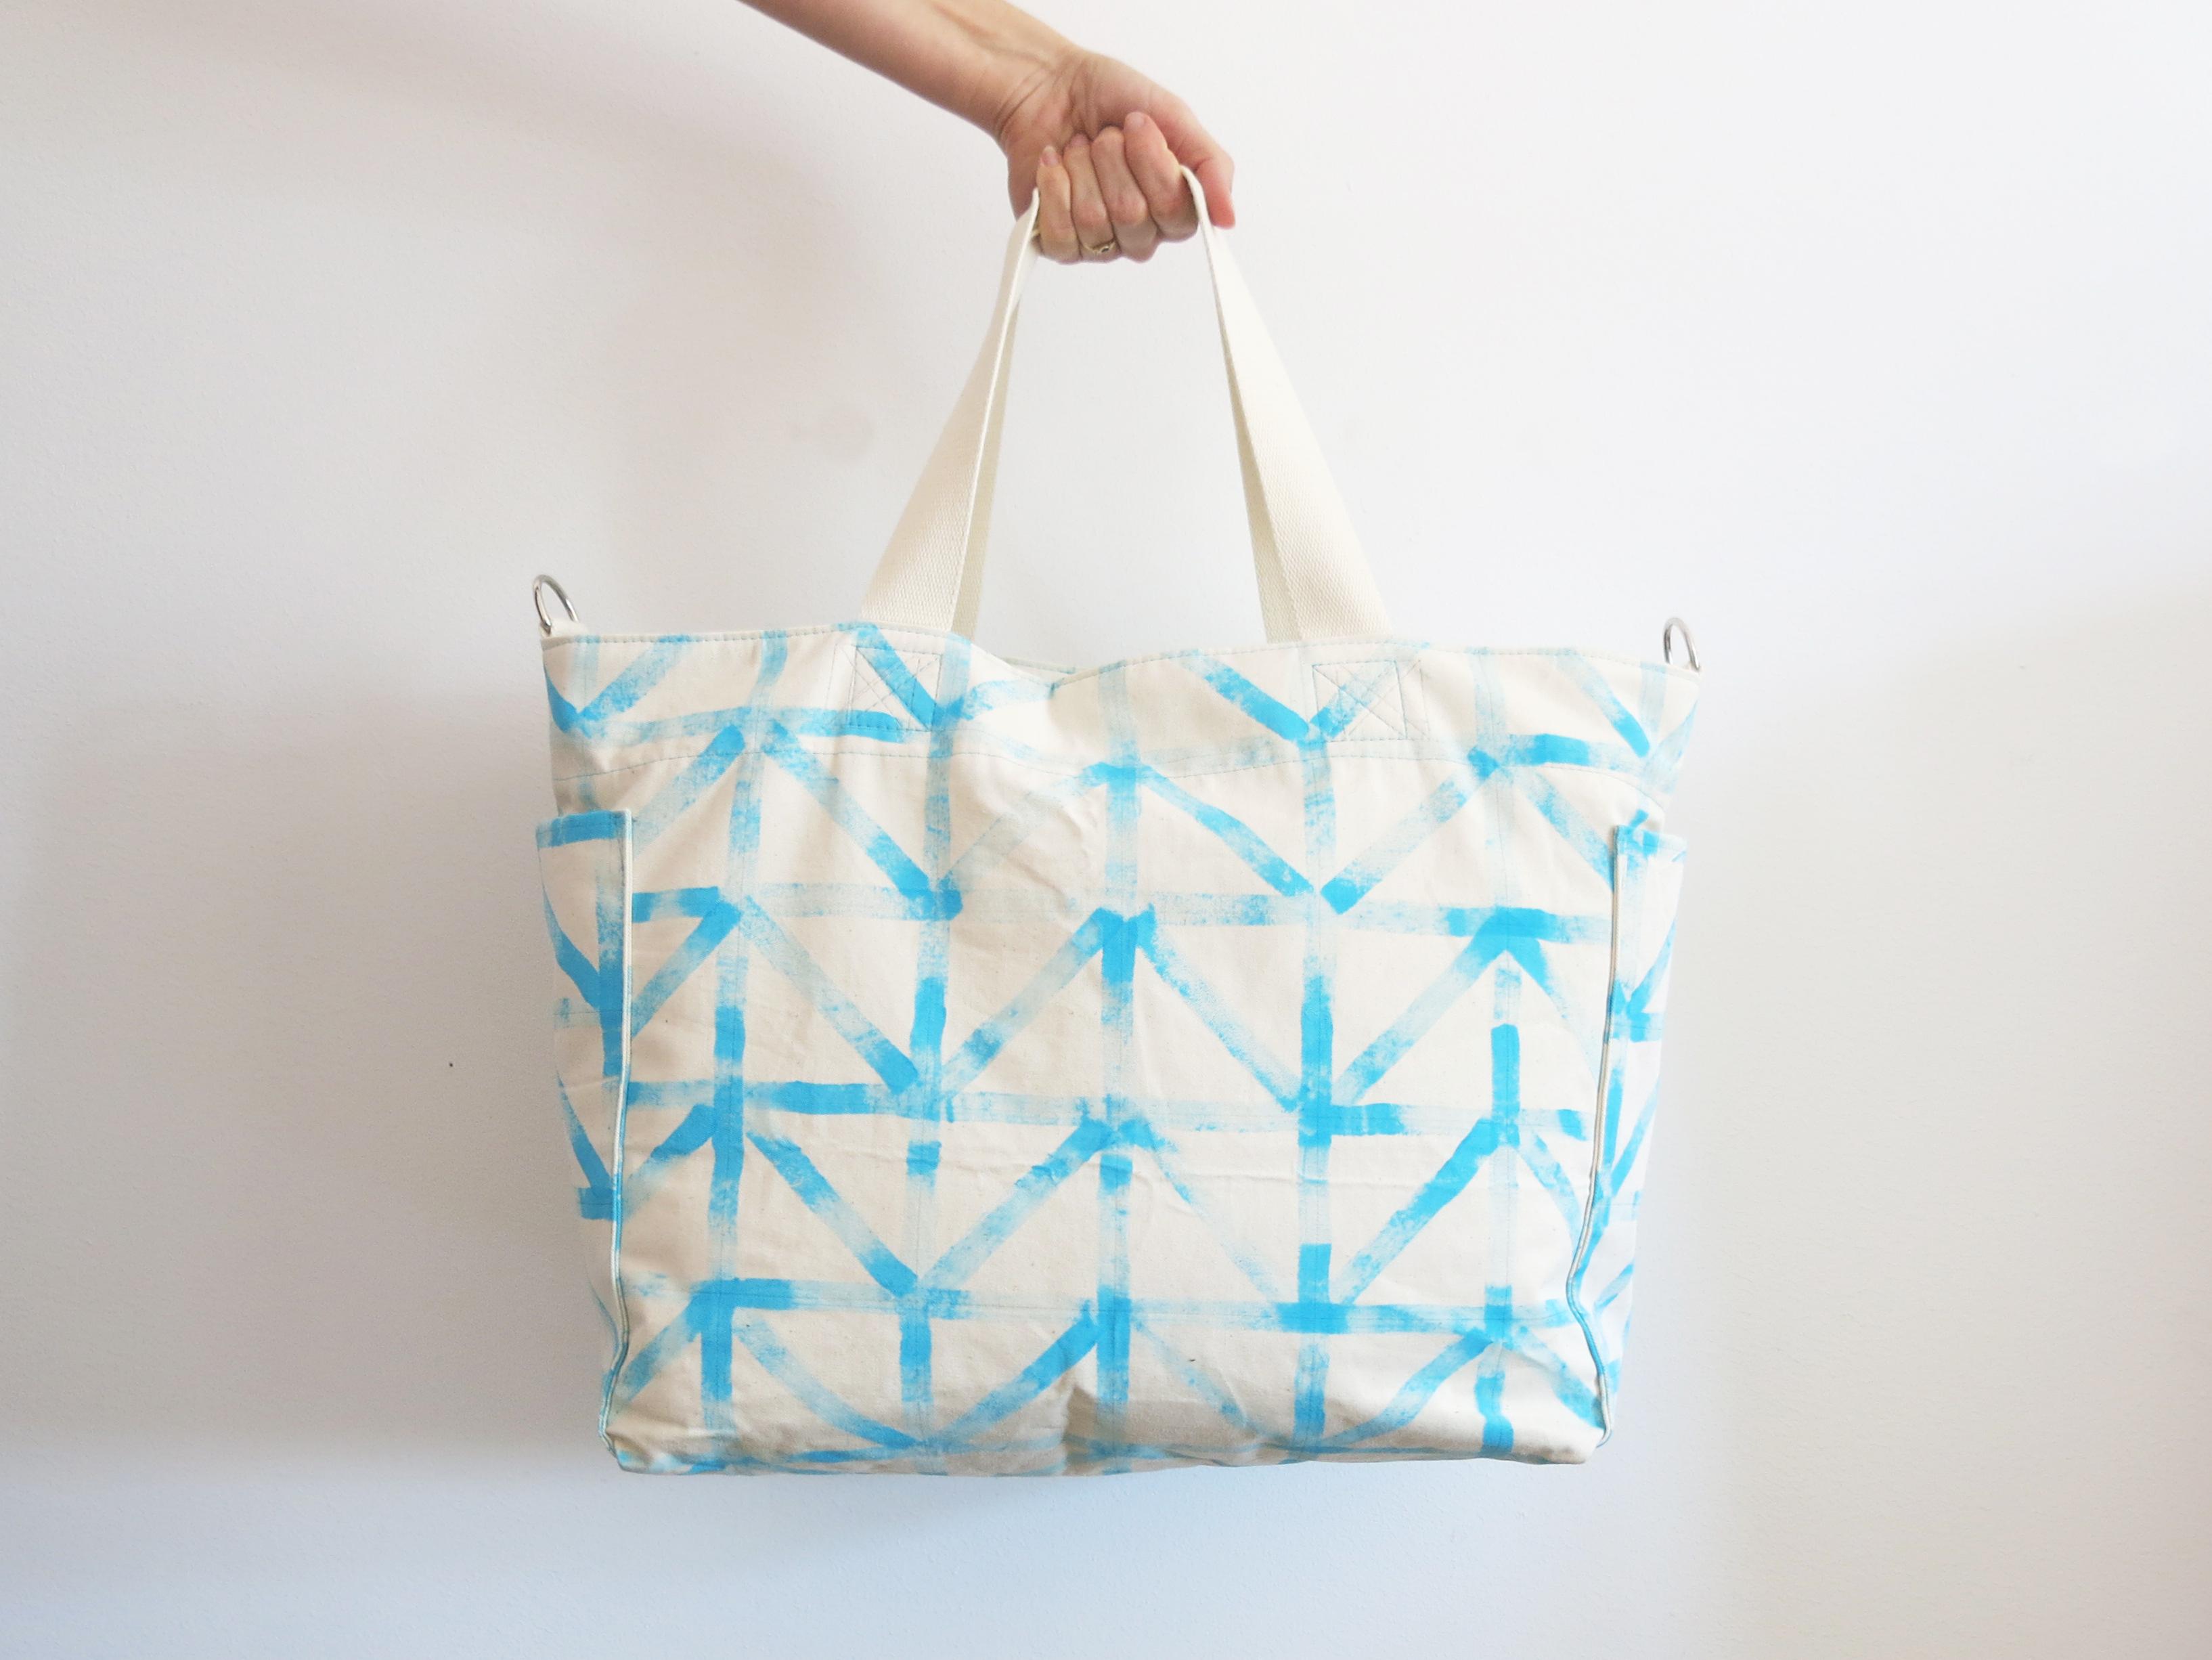 Wickeltasche oder City Shopper mit praktischen Taschen Außen und Innen